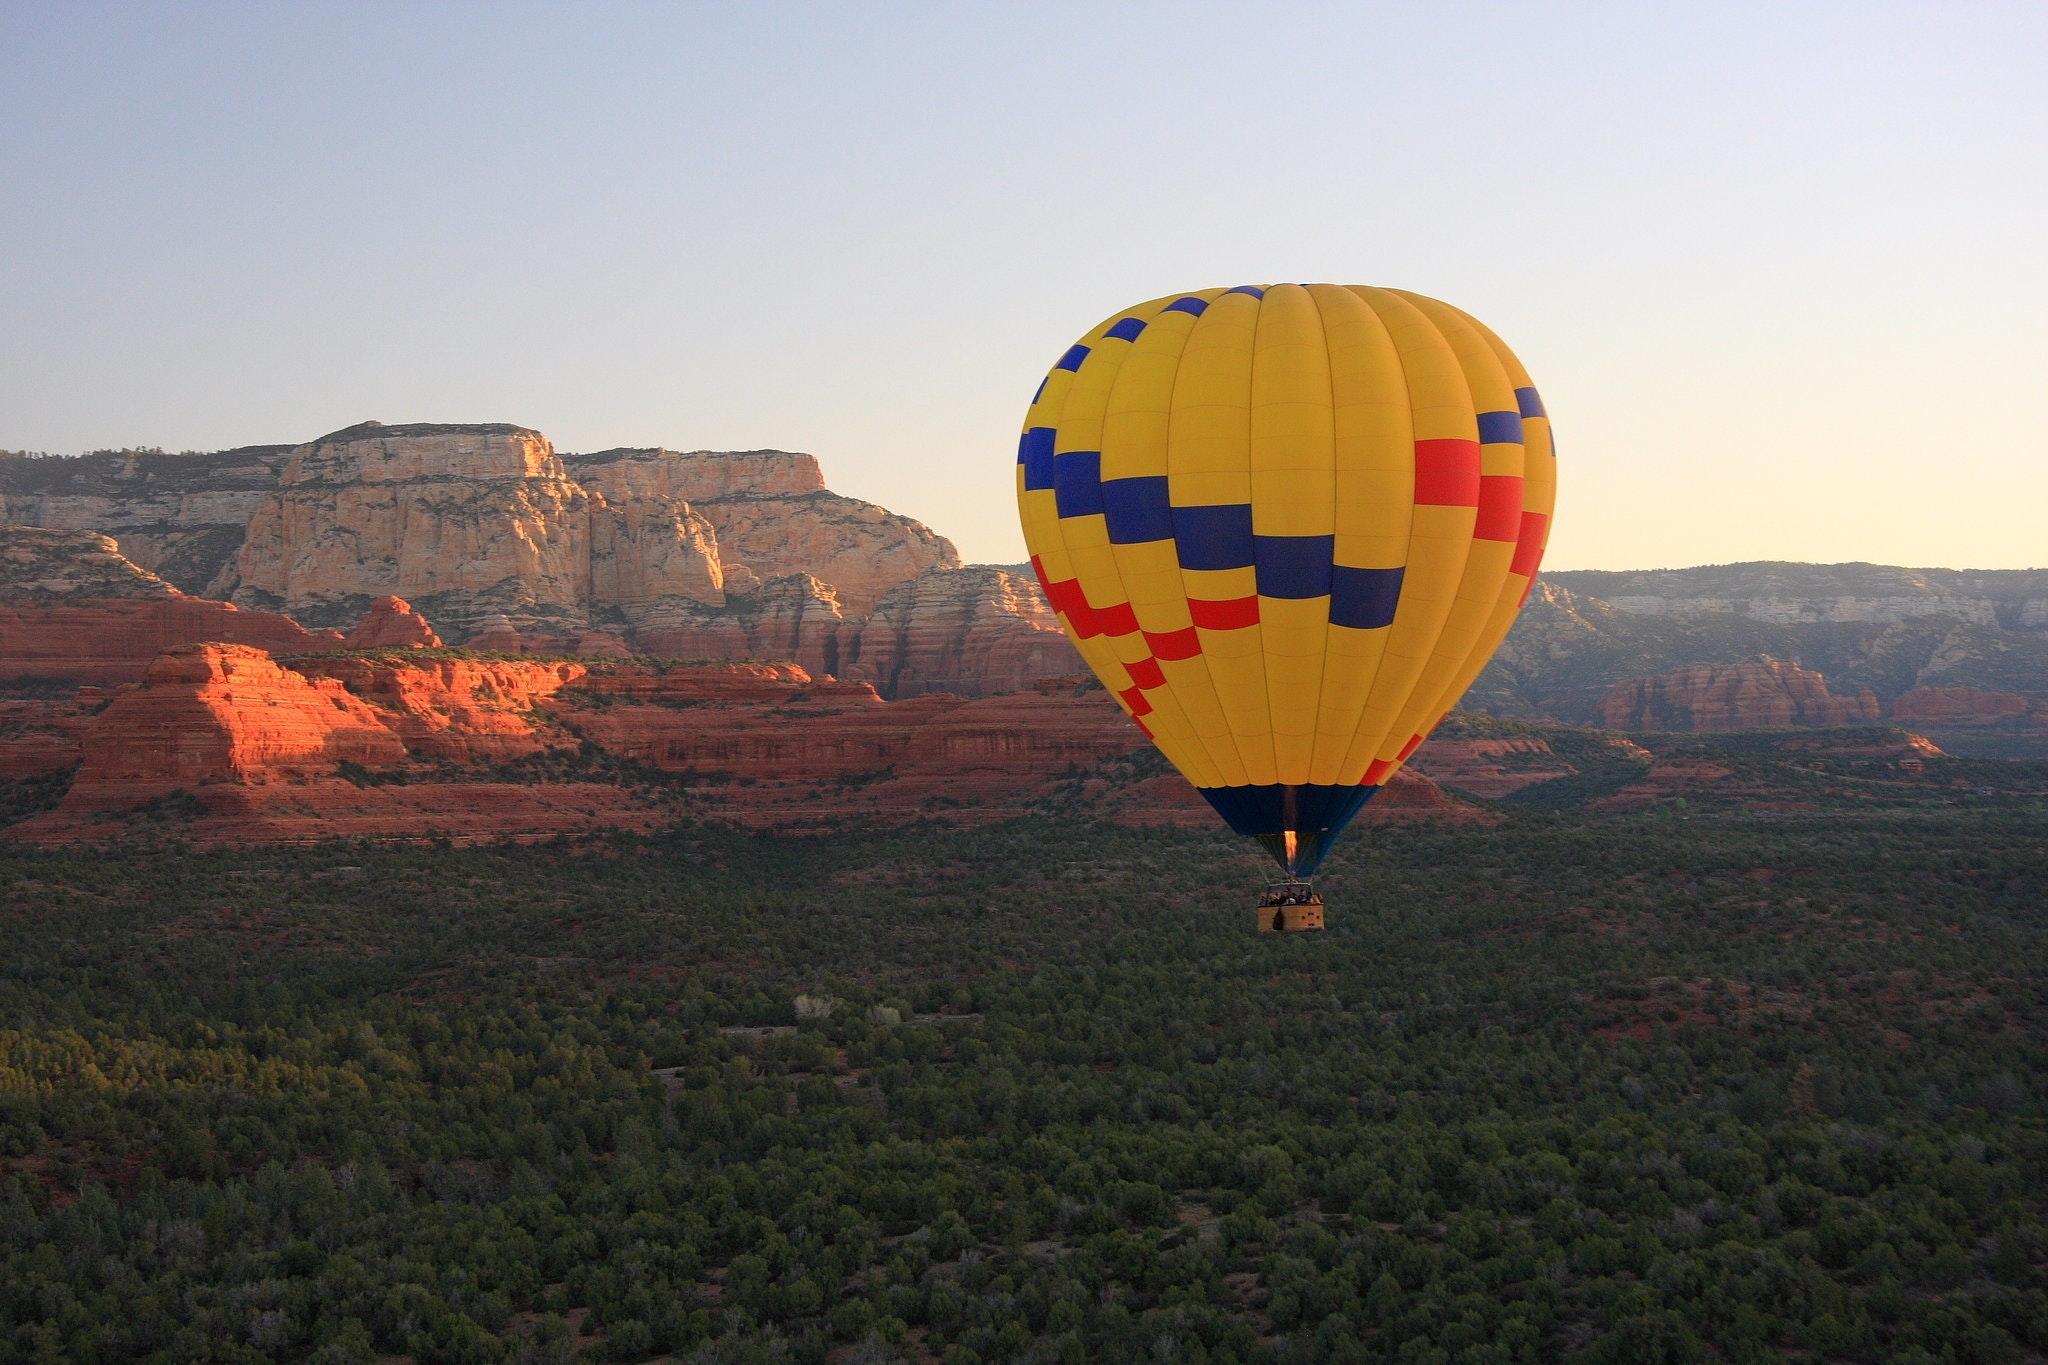 Flyvning i luftballon: rejseoplevelser for de virkelig eventyrlystne